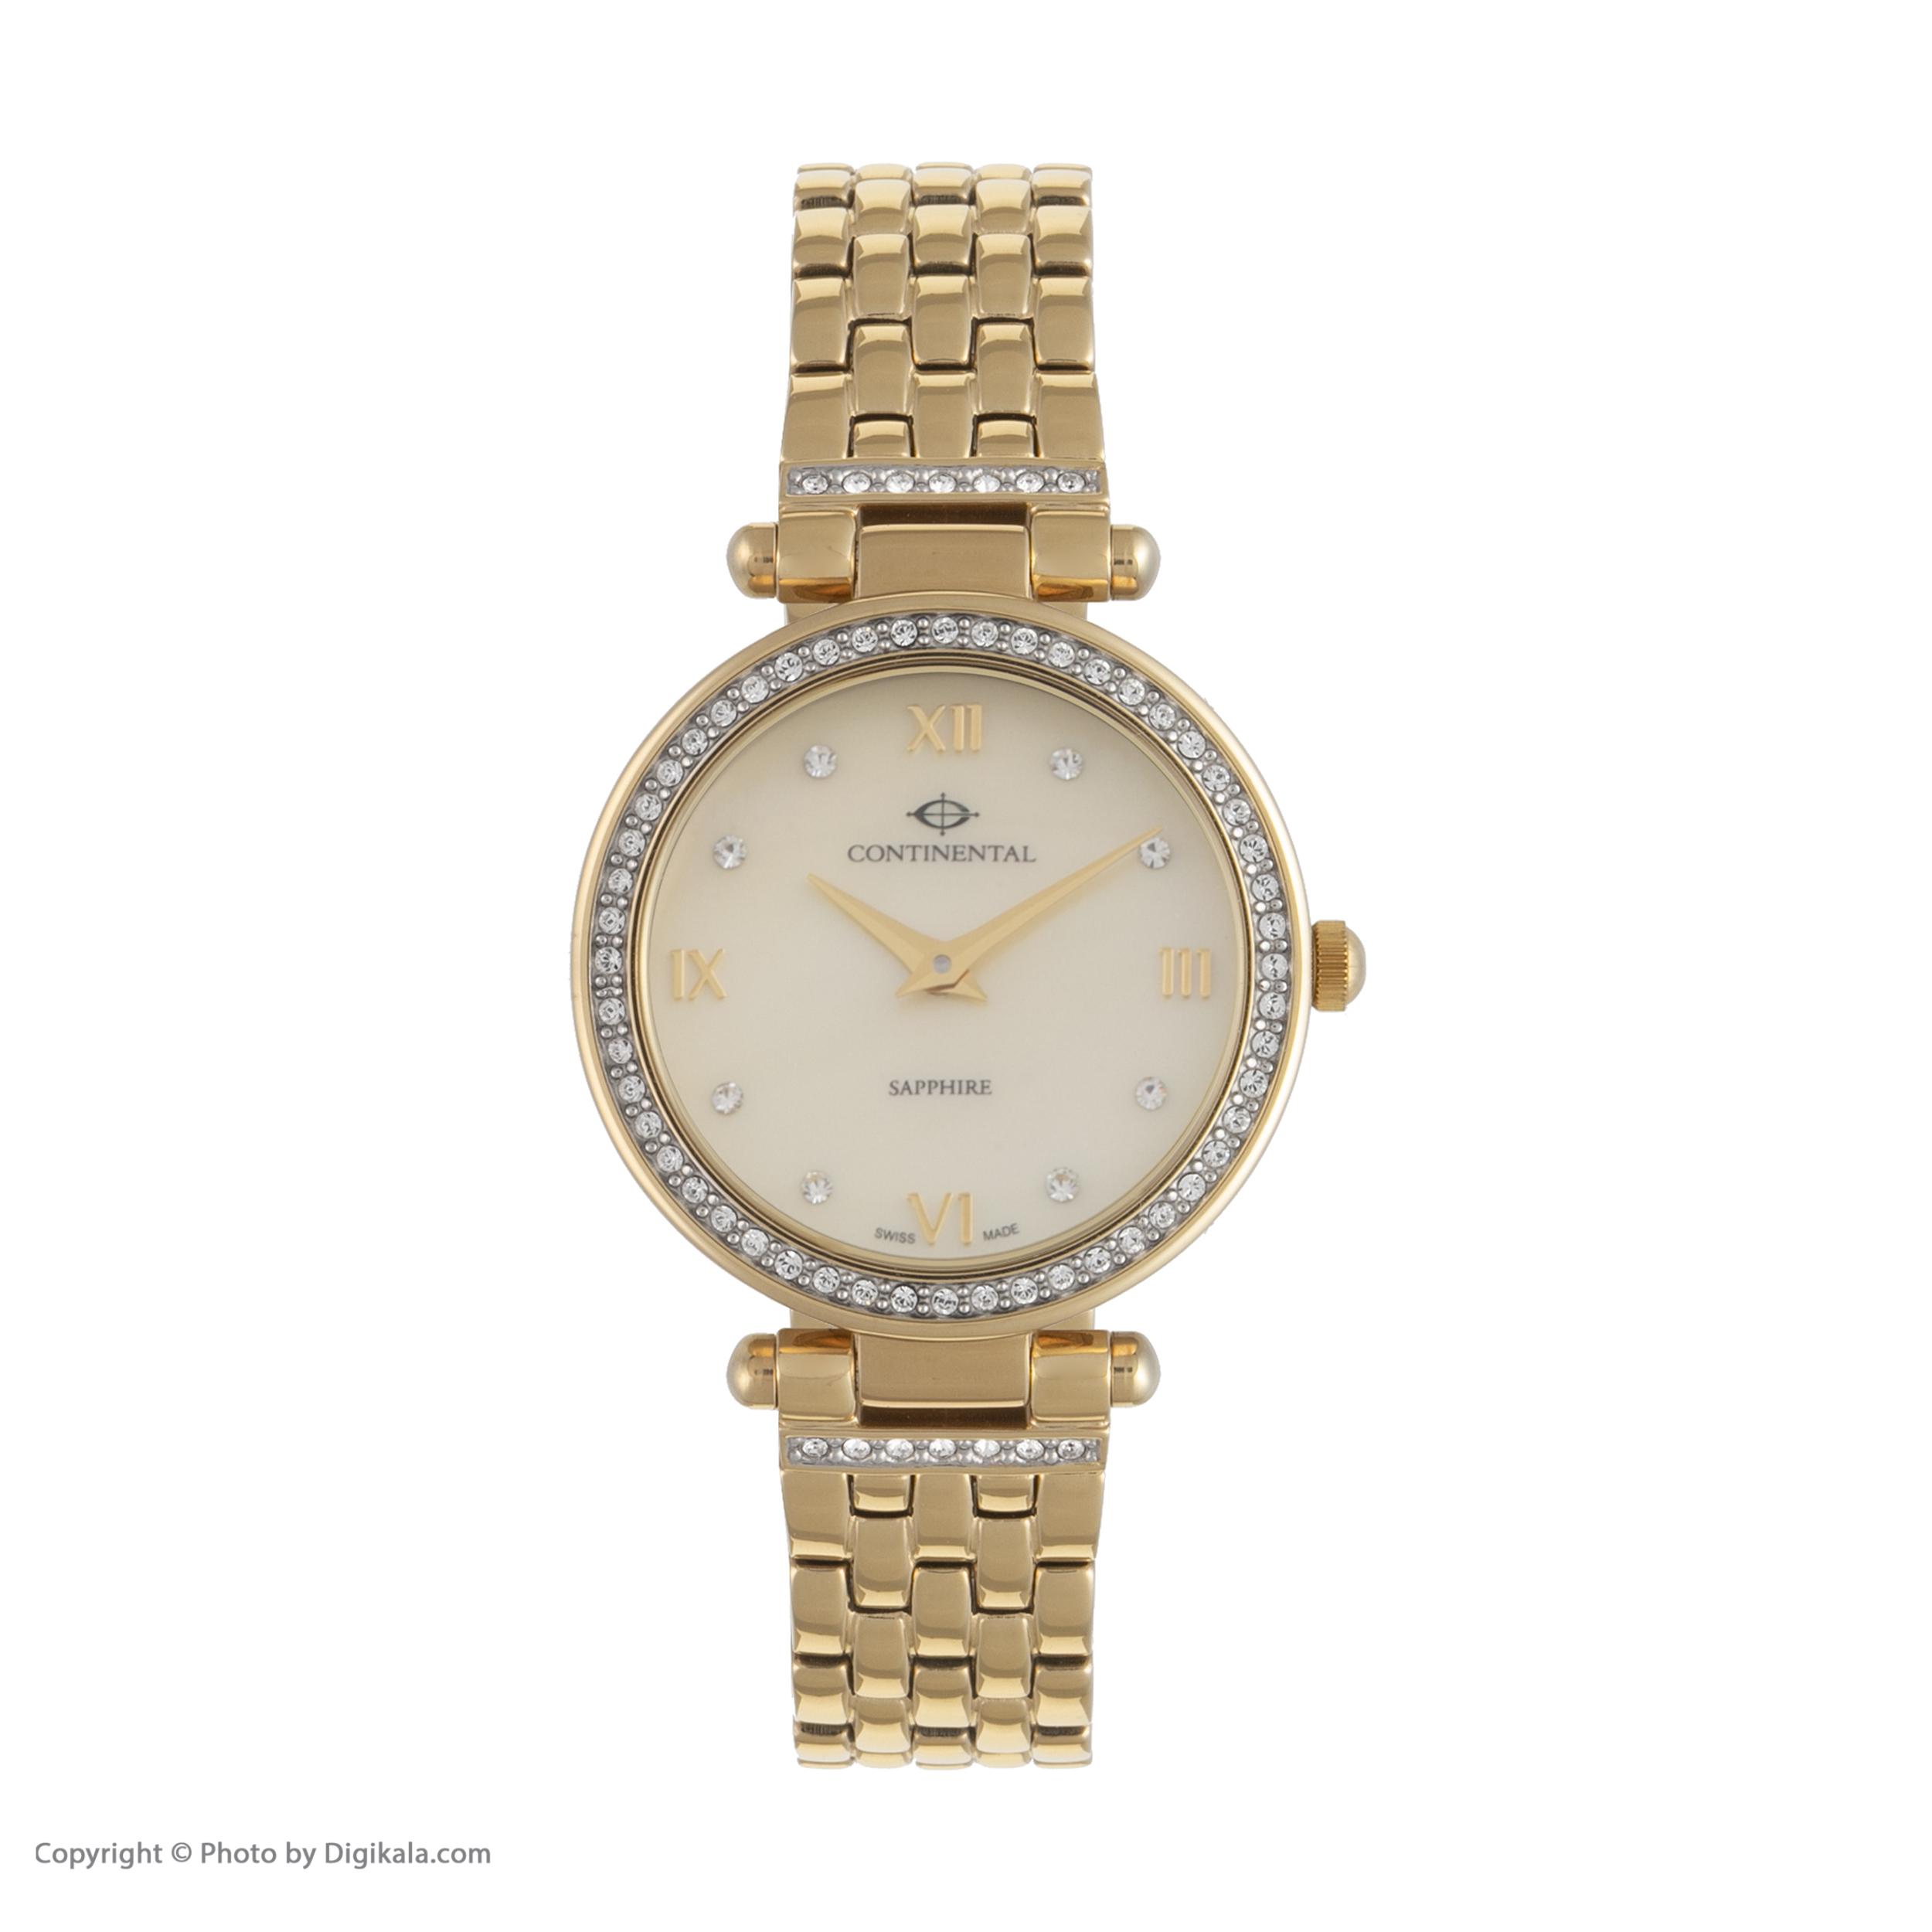 ساعت مچی عقربه ای زنانه کنتیننتال مدل 17004-LT202601 -  - 1